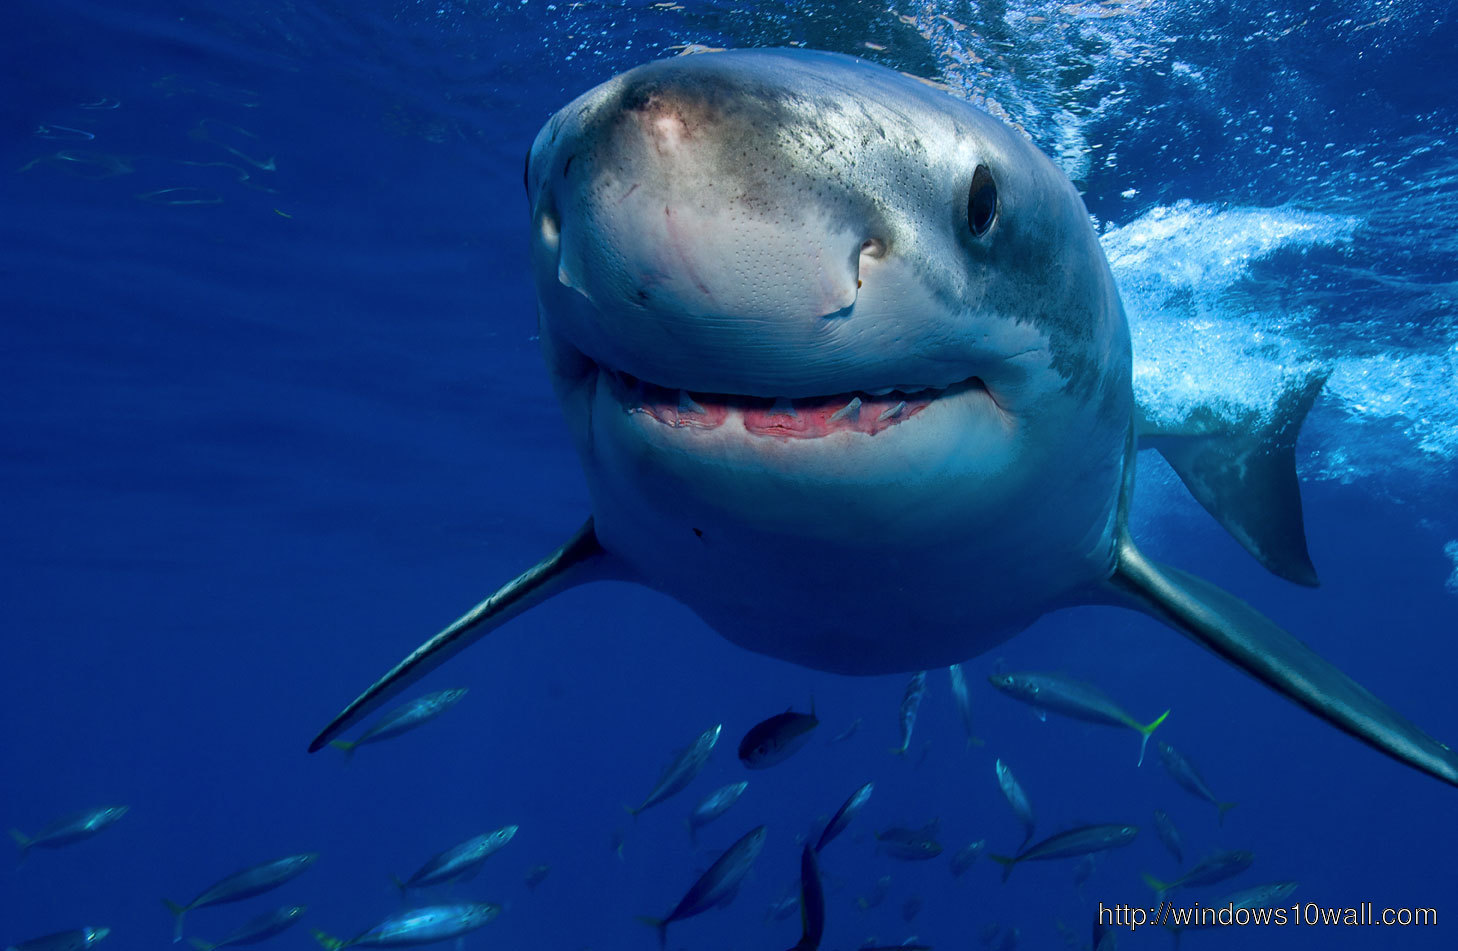 Shark Wallpaper Cute